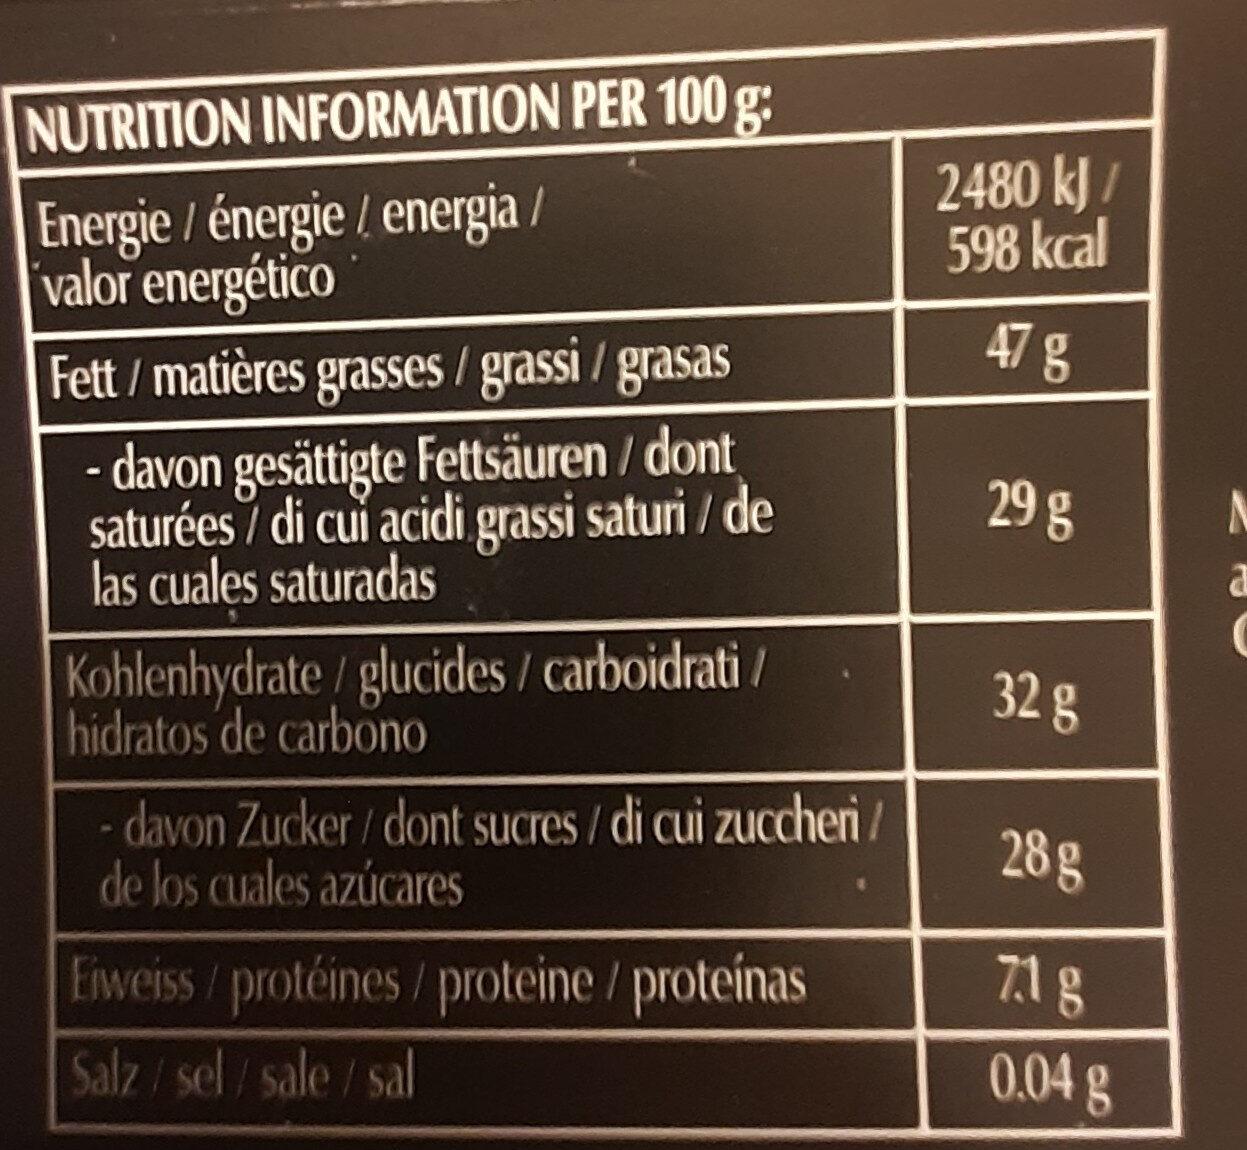 Framboise noisette 70% cacao - Valori nutrizionali - it